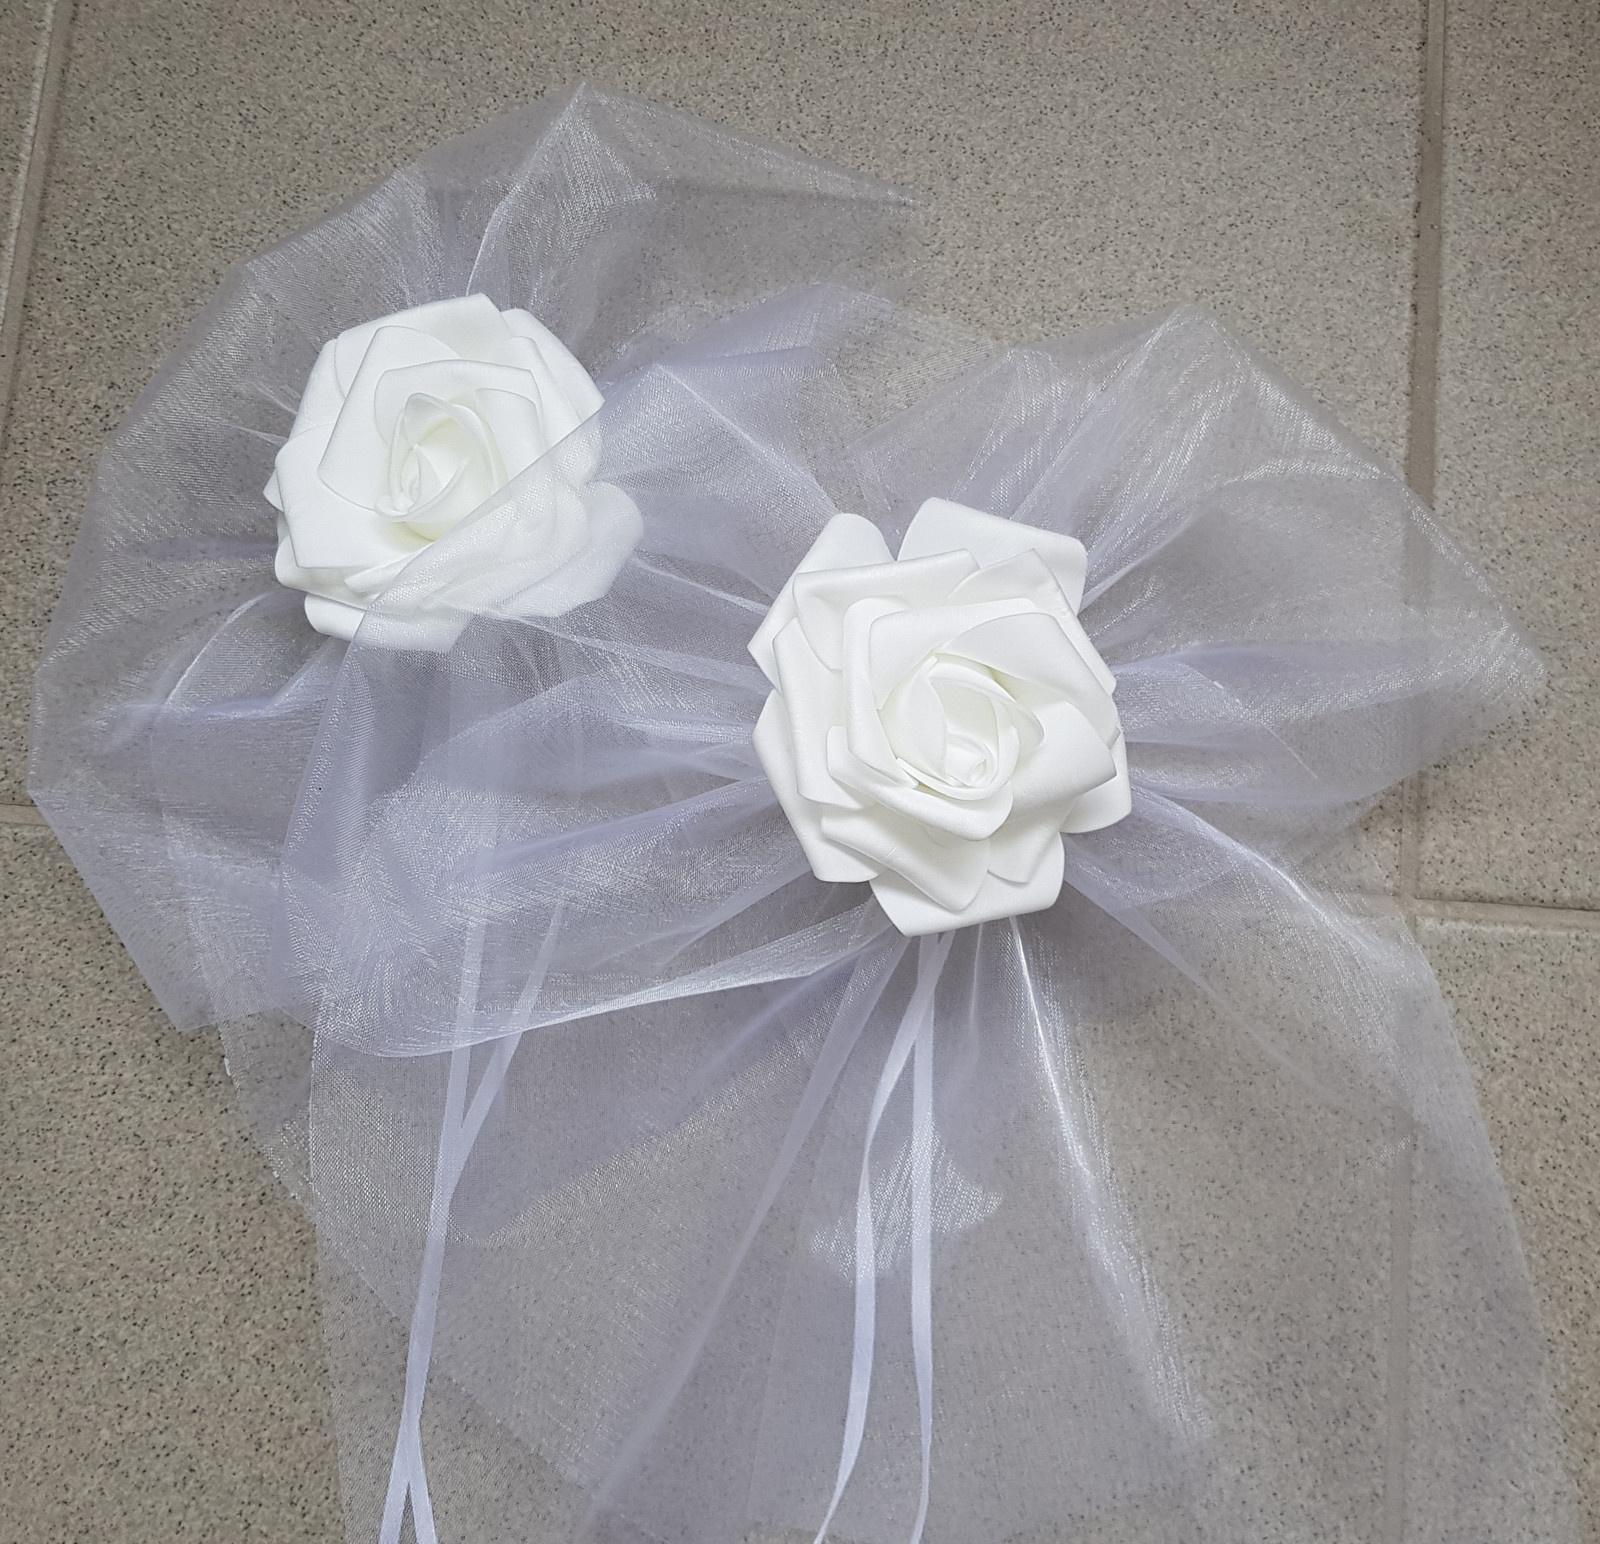 BÍLÁ mašle na zrcátka/kliky bílá květinka XXL - Obrázek č. 1